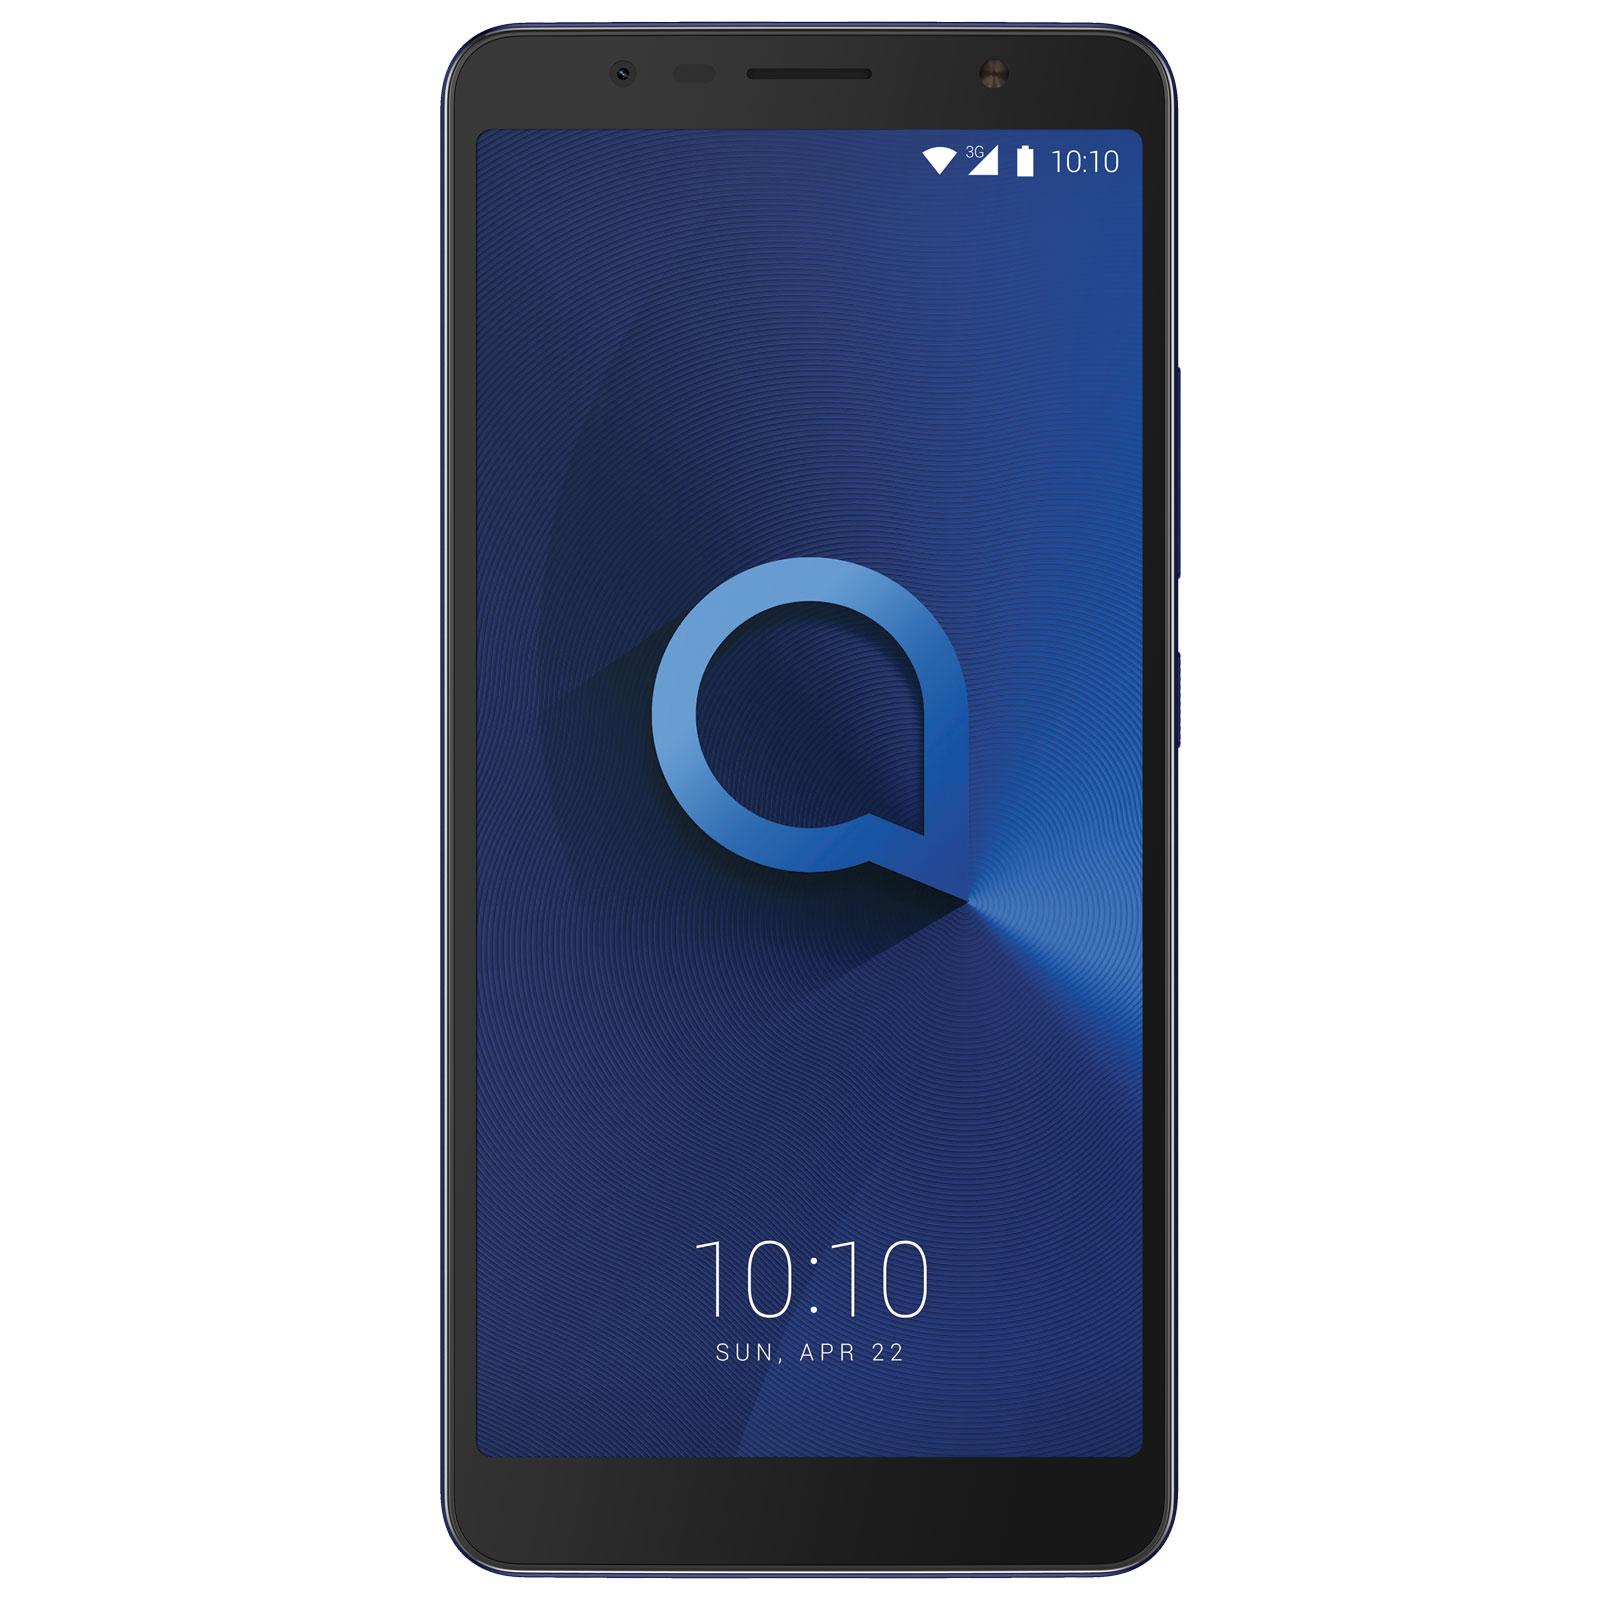 """Mobile & smartphone Alcatel 3c Bleu métallique Smartphone 3G+ Dual SIM - MediaTek MT8321 Quad-Core 1.3 GHz - RAM 1 Go - Ecran tactile 6"""" 720 x 1440 - 16 Go - Bluetooth 4.2 - 3000 mAh - Android 7.0"""